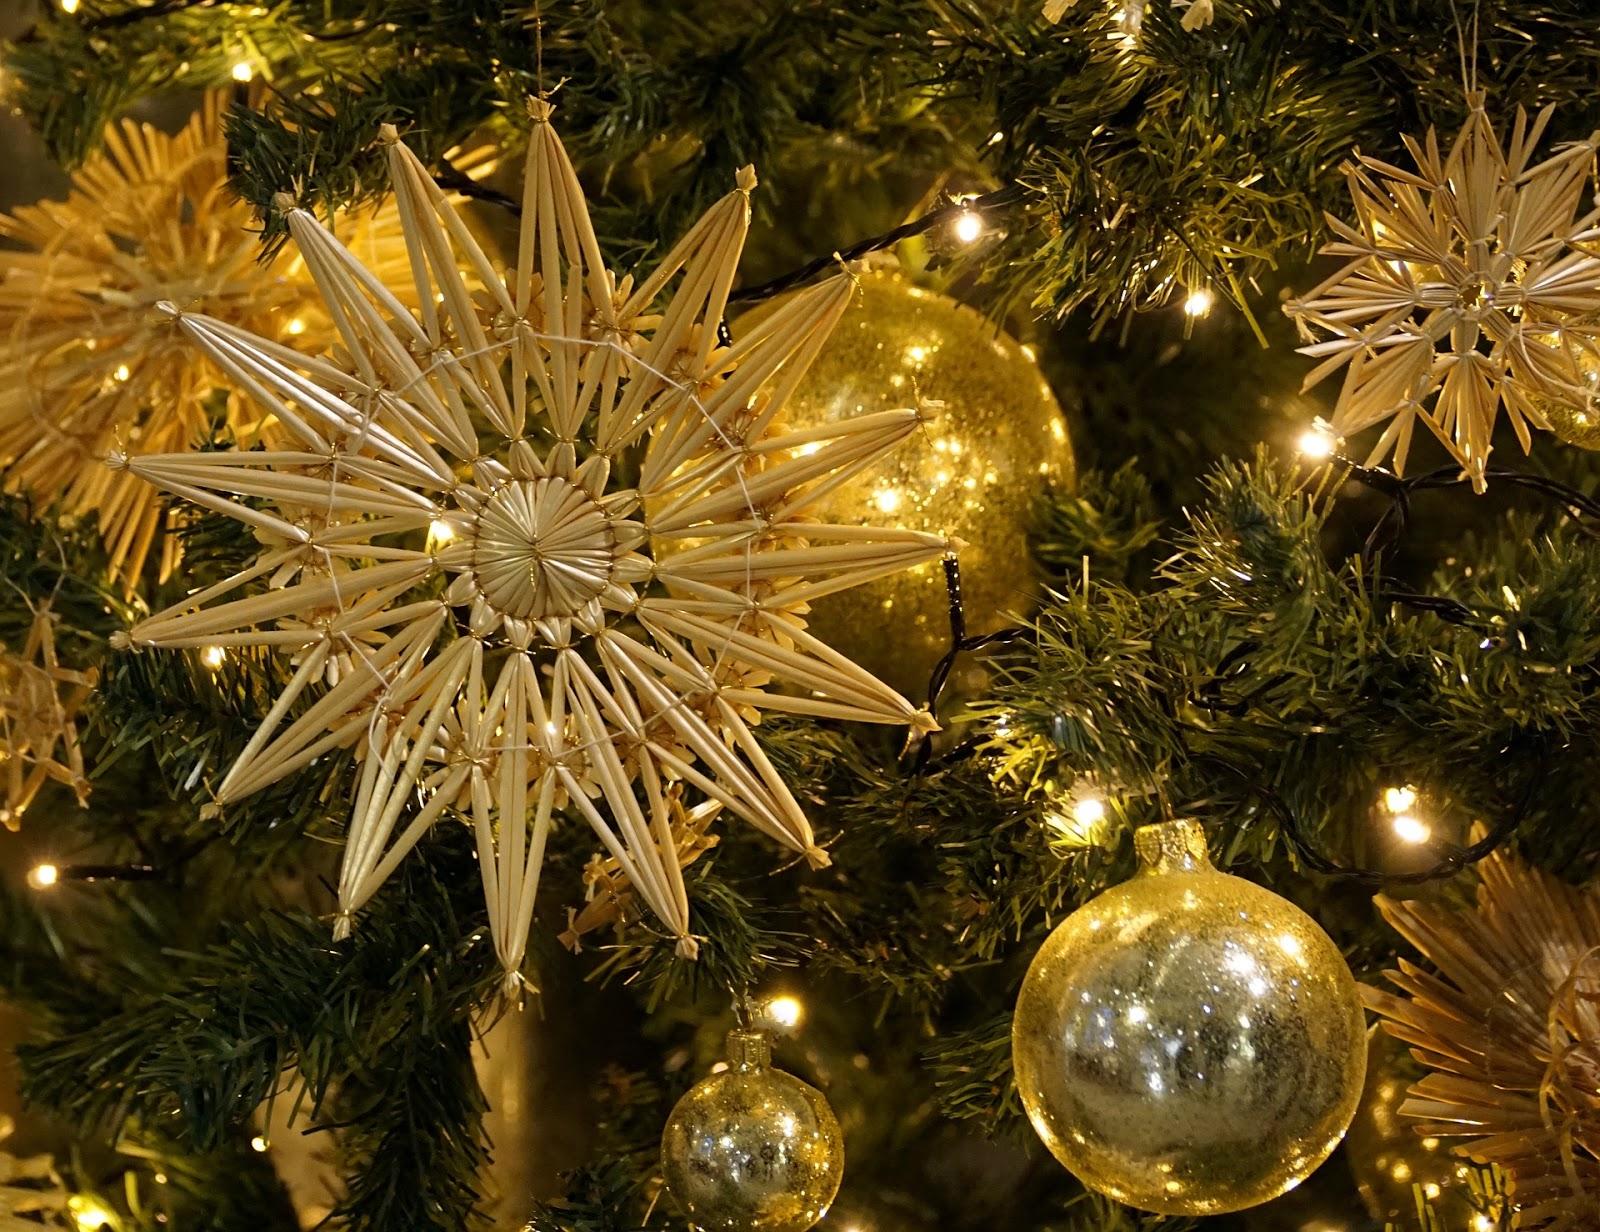 Künstlicher Weihnachtsbaum Für Aussenbereich.Künstlicher Weihnachtsbaum Mit Beleuchtung Test Die Besten